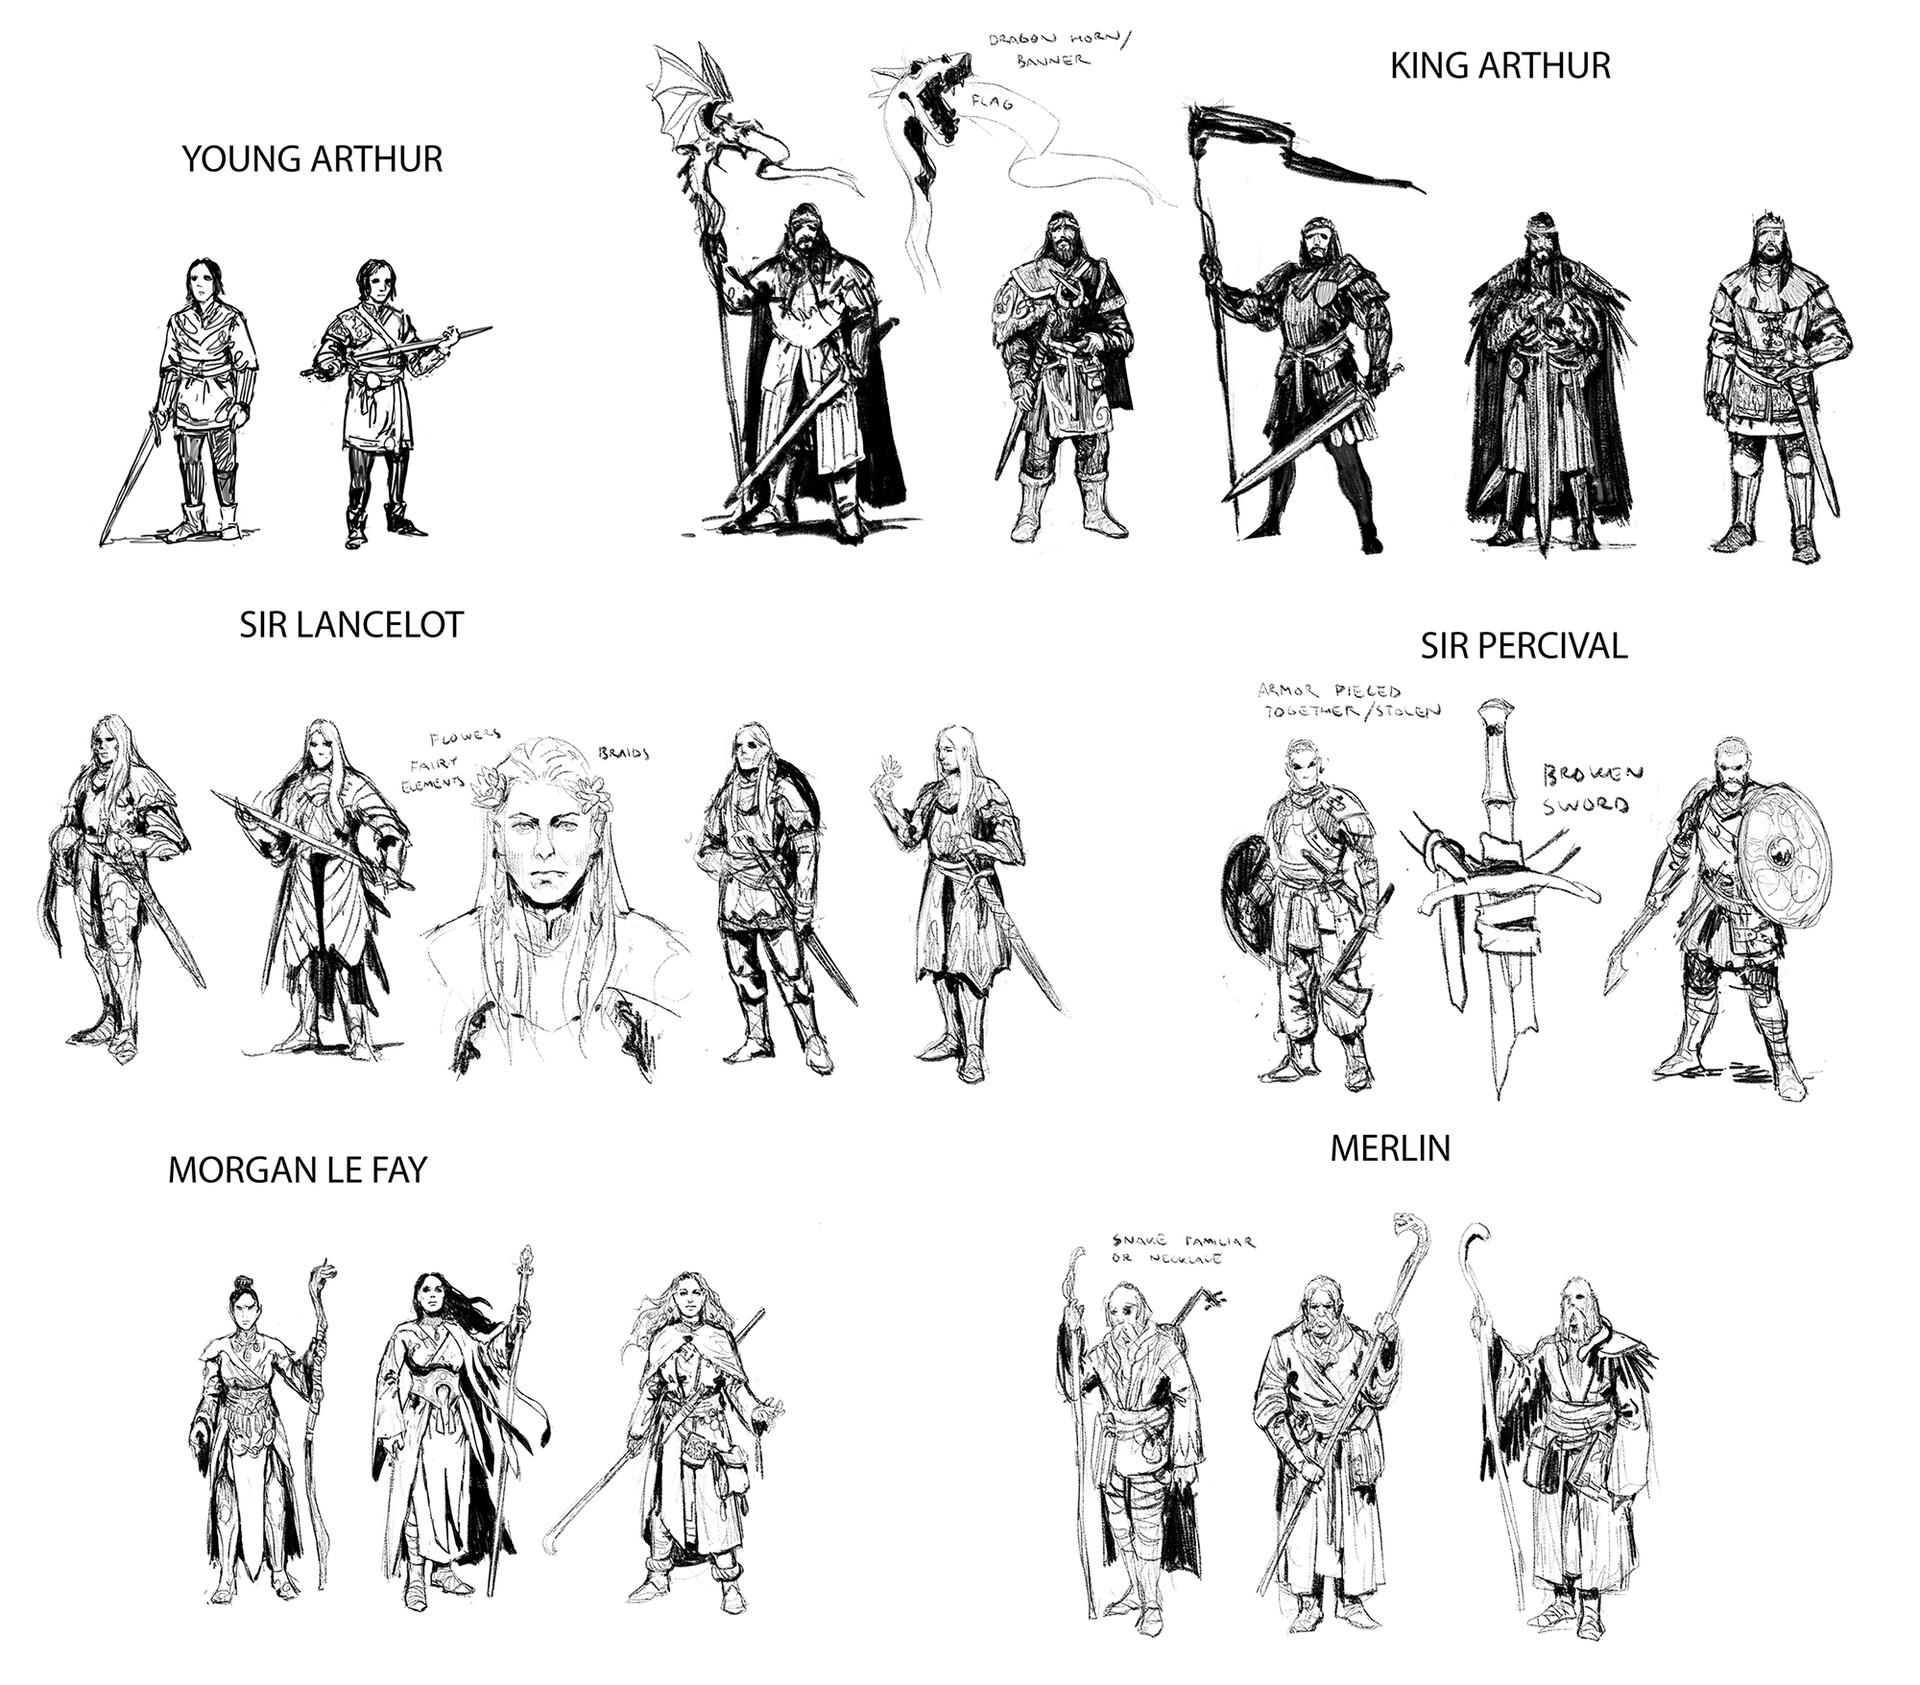 Veli nystrom artstation king arthur character sketches1